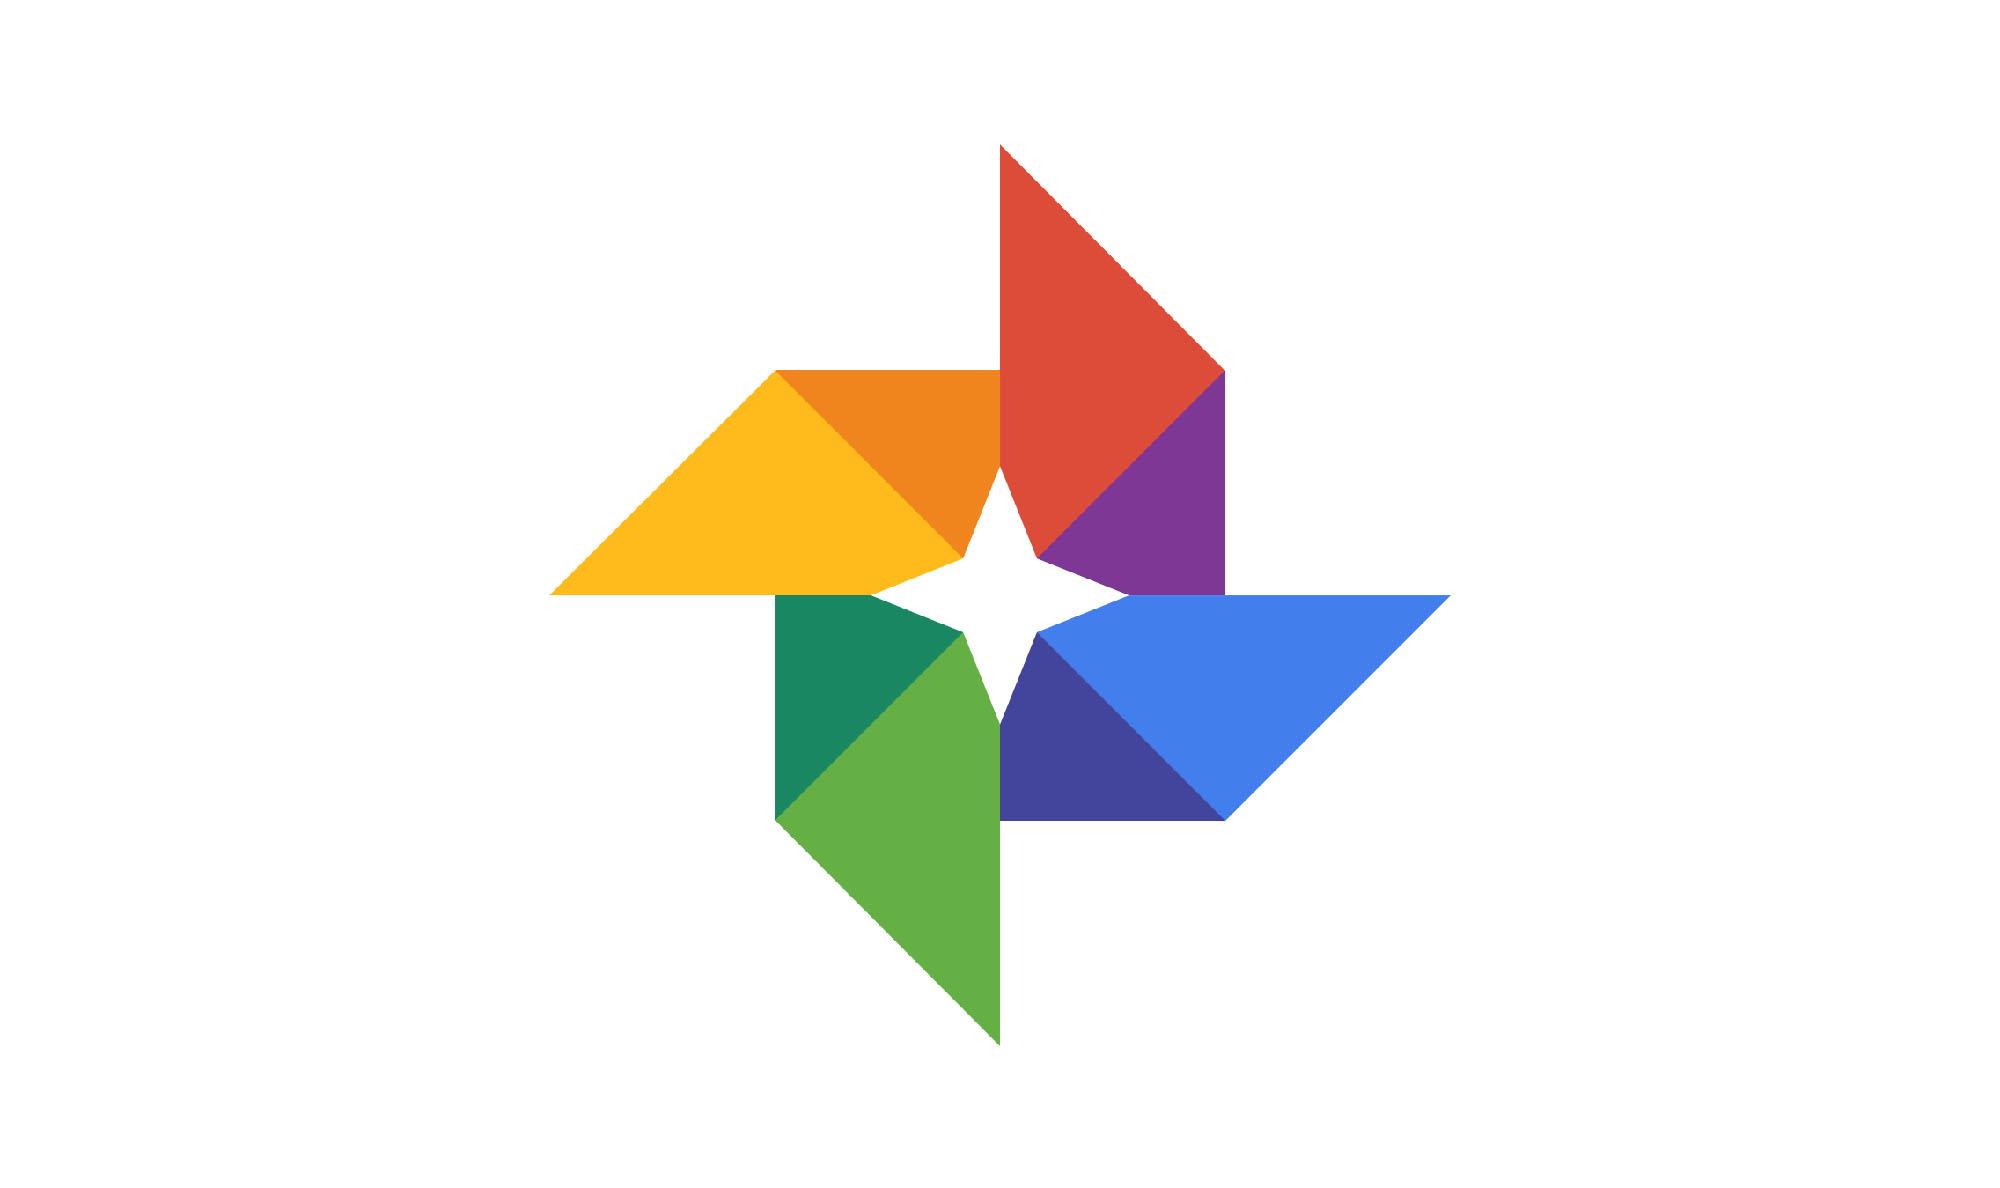 De nouvelles fonctionnalités arrivent sur Google Photos